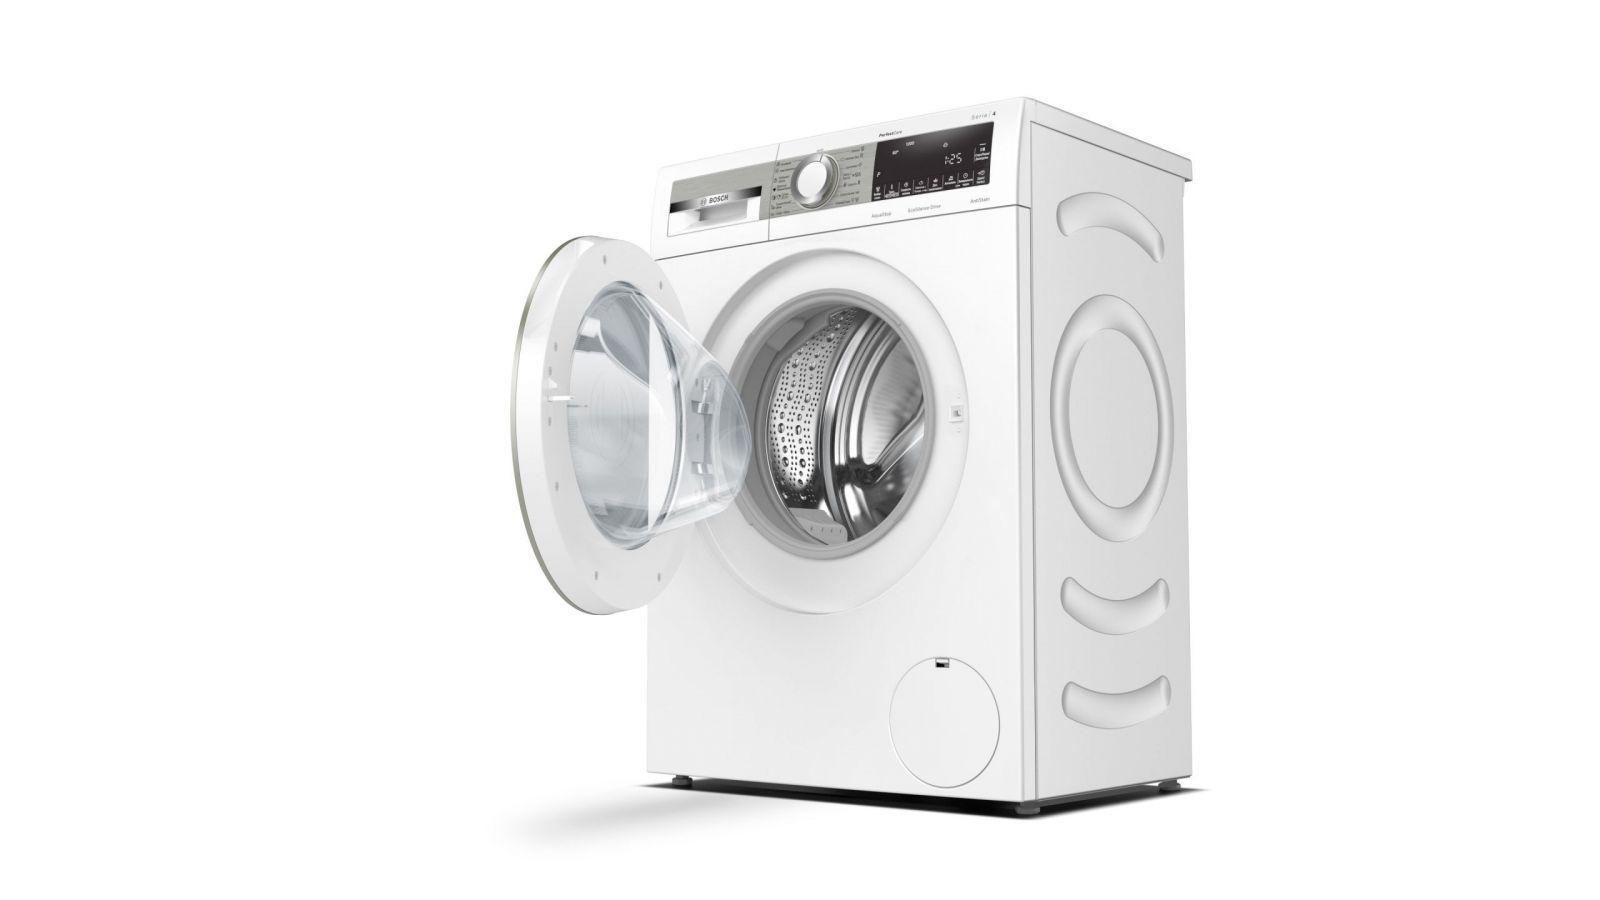 Новинки от BOSCH: холодильники, дольше сохраняющие свежесть продуктов, приложение для умного дома и многое другое (wha222w2oe pga3 master scaled)